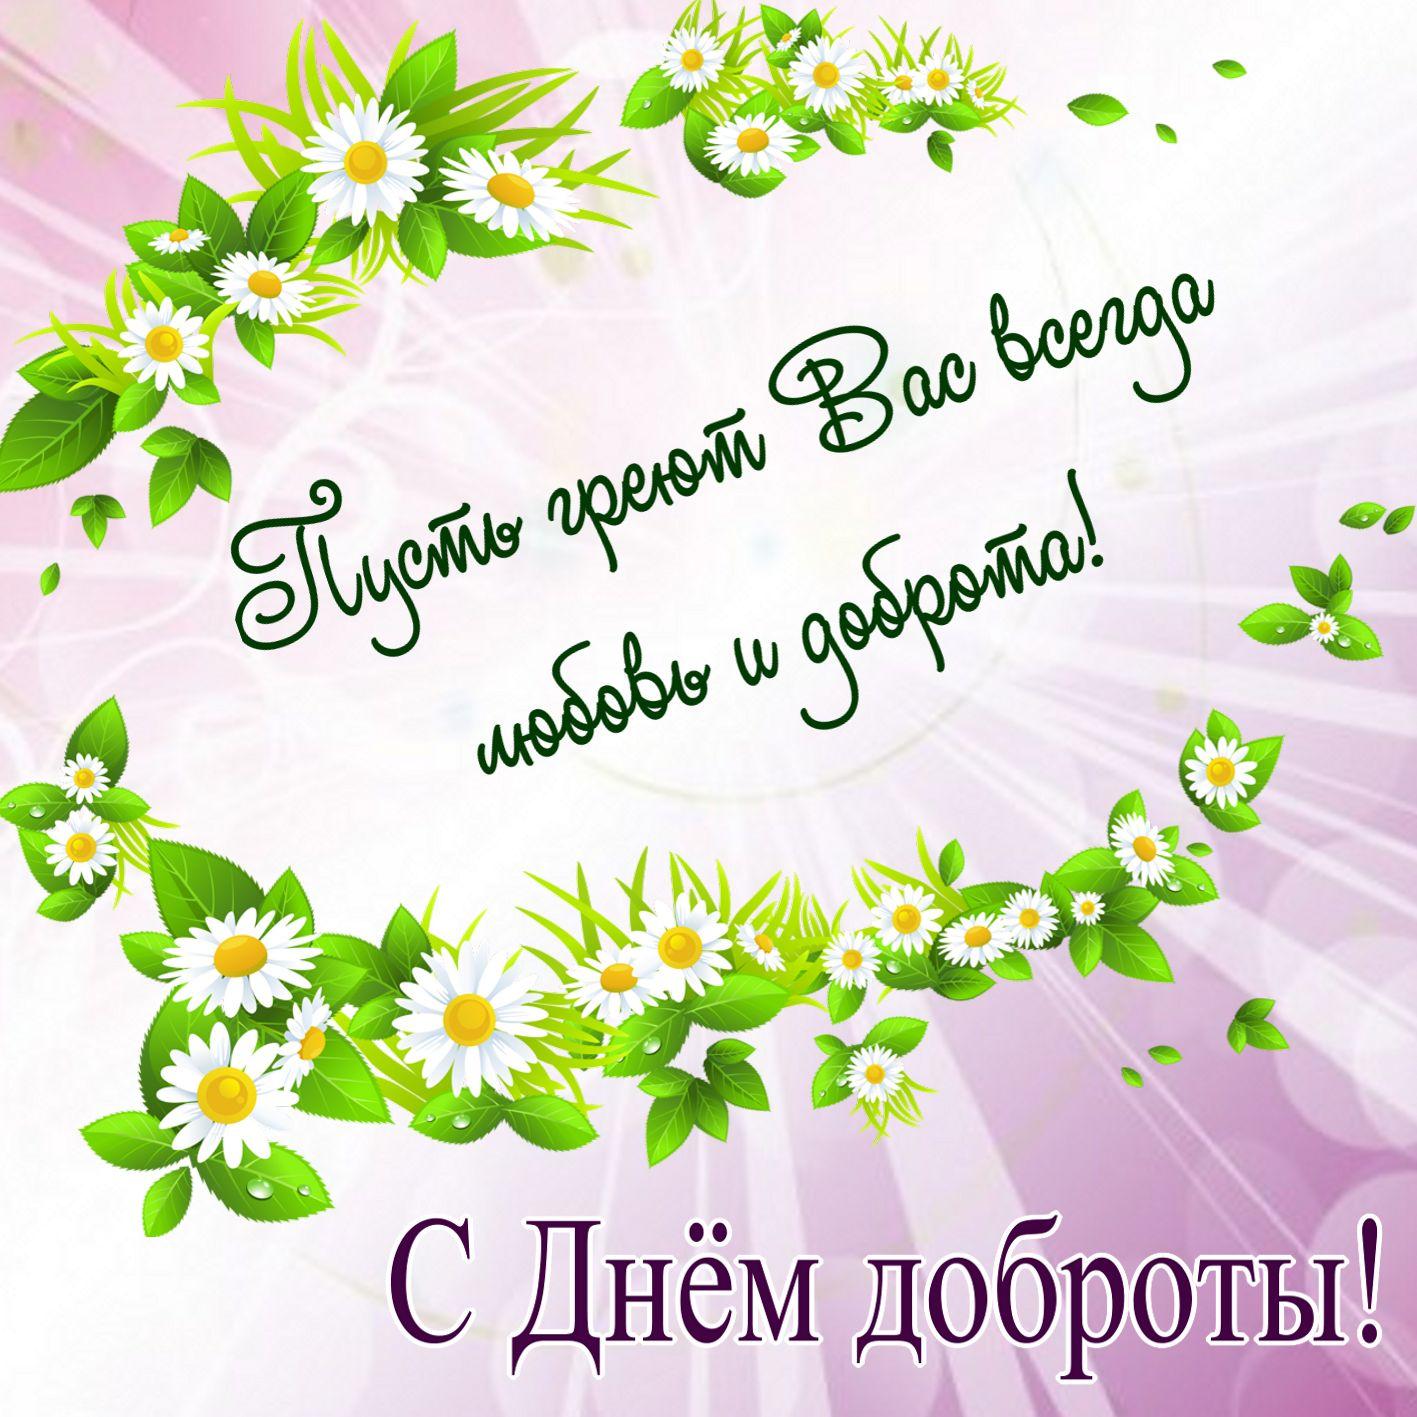 Открытка на День доброты - пусть греют Вас всегда любовь и доброта